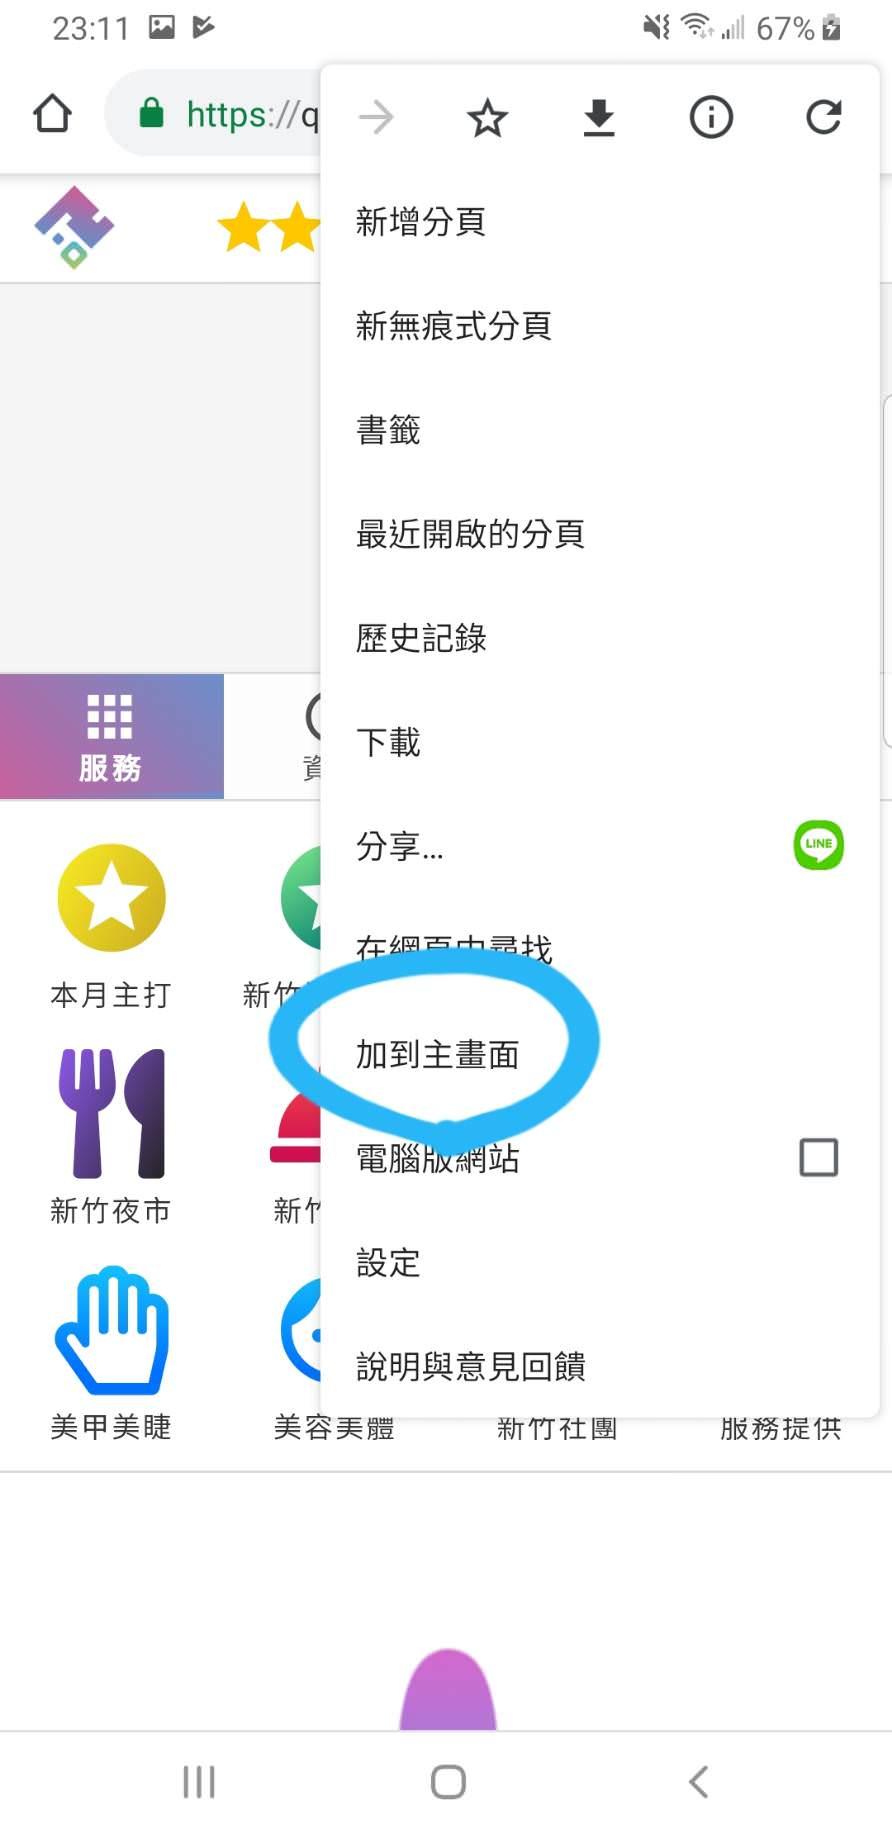 好想去新竹!掃描QRCode立即掌握新竹吃喝玩樂資訊!